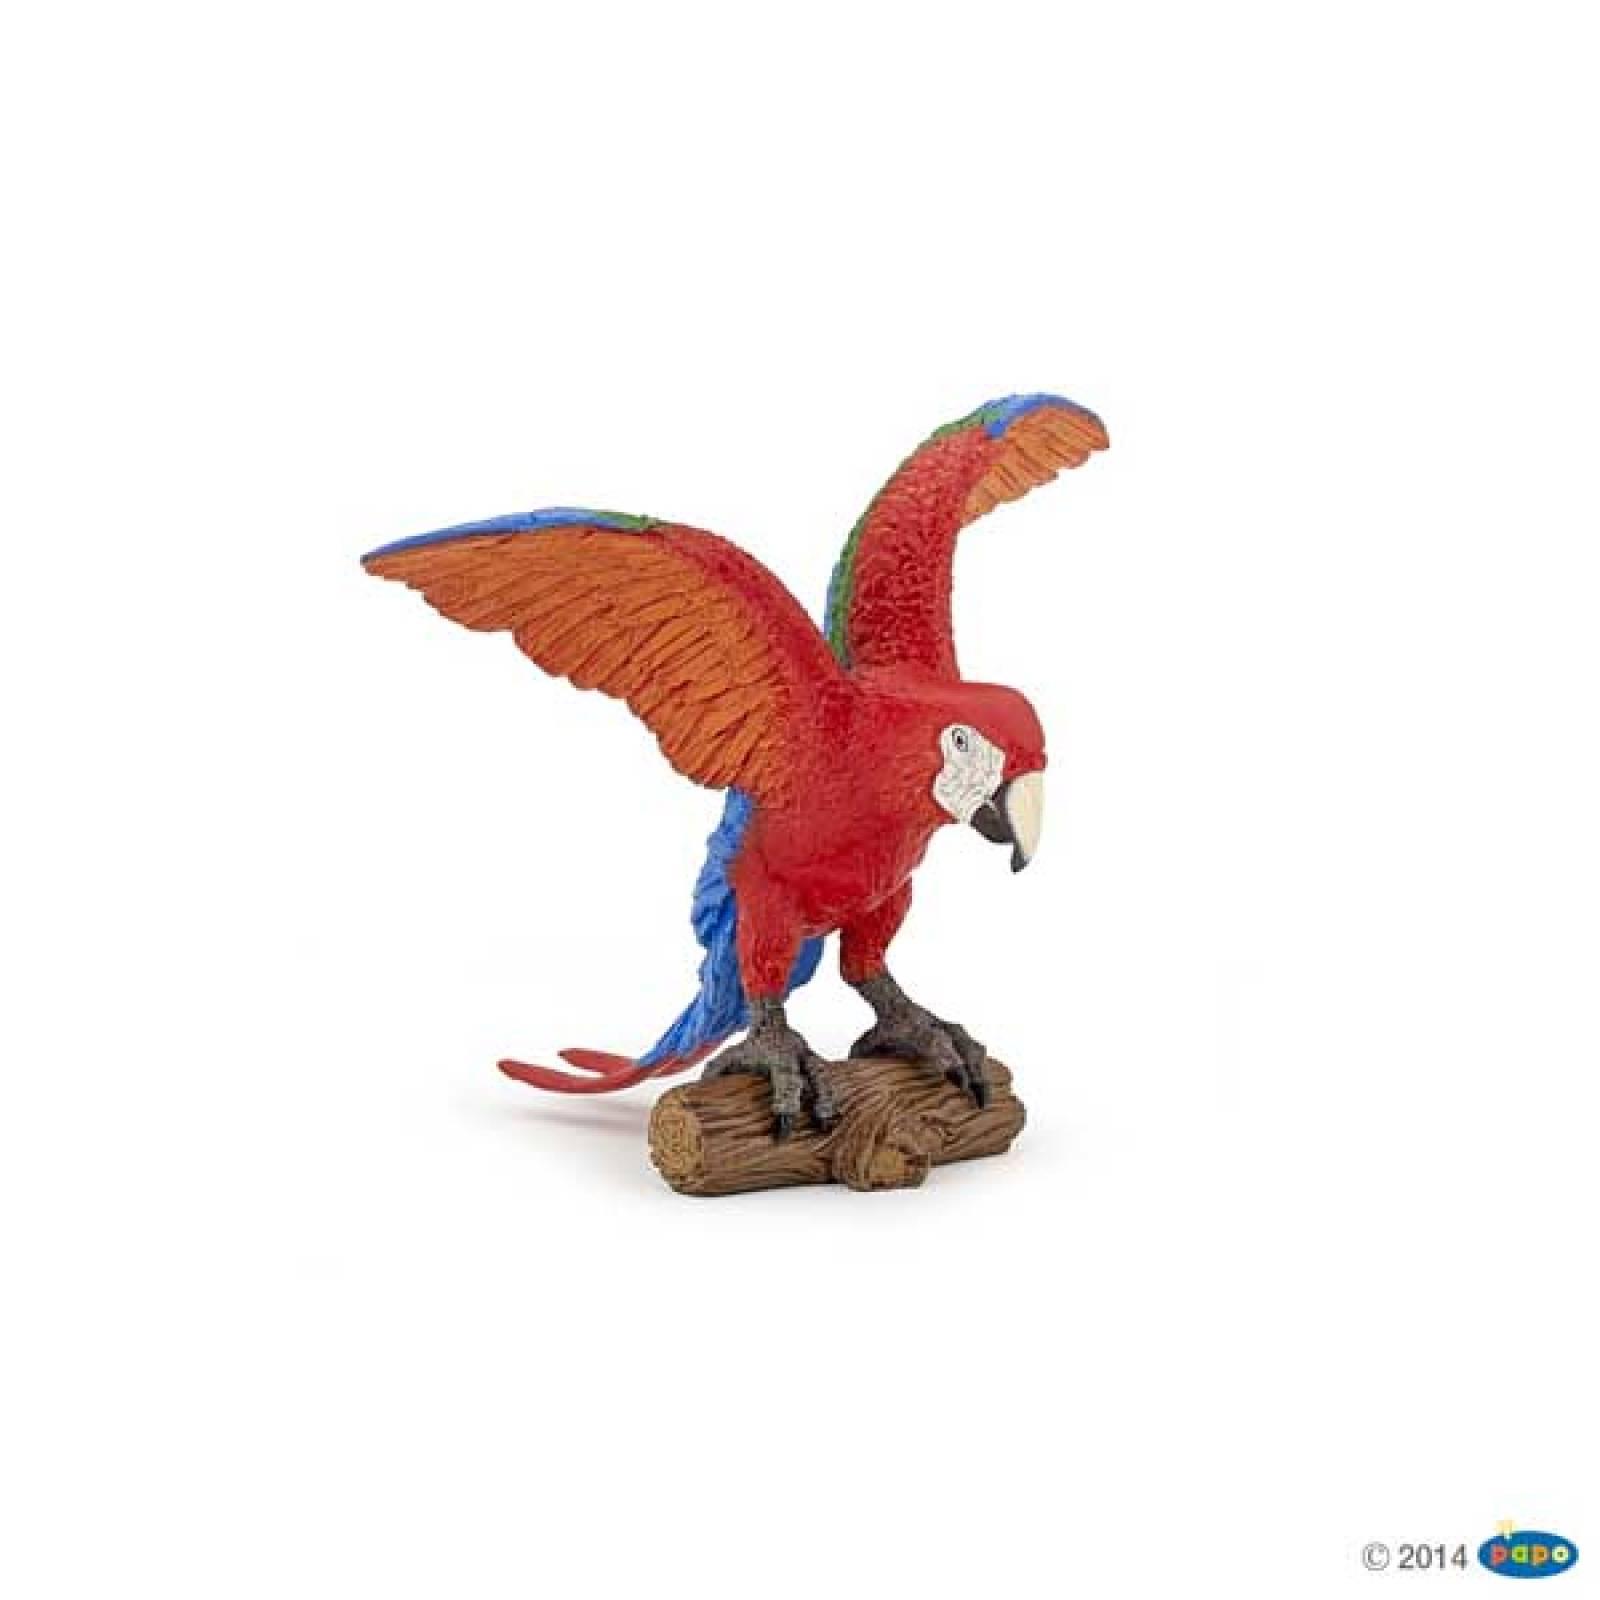 Ara Parrot PAPO WILD ANIMAL